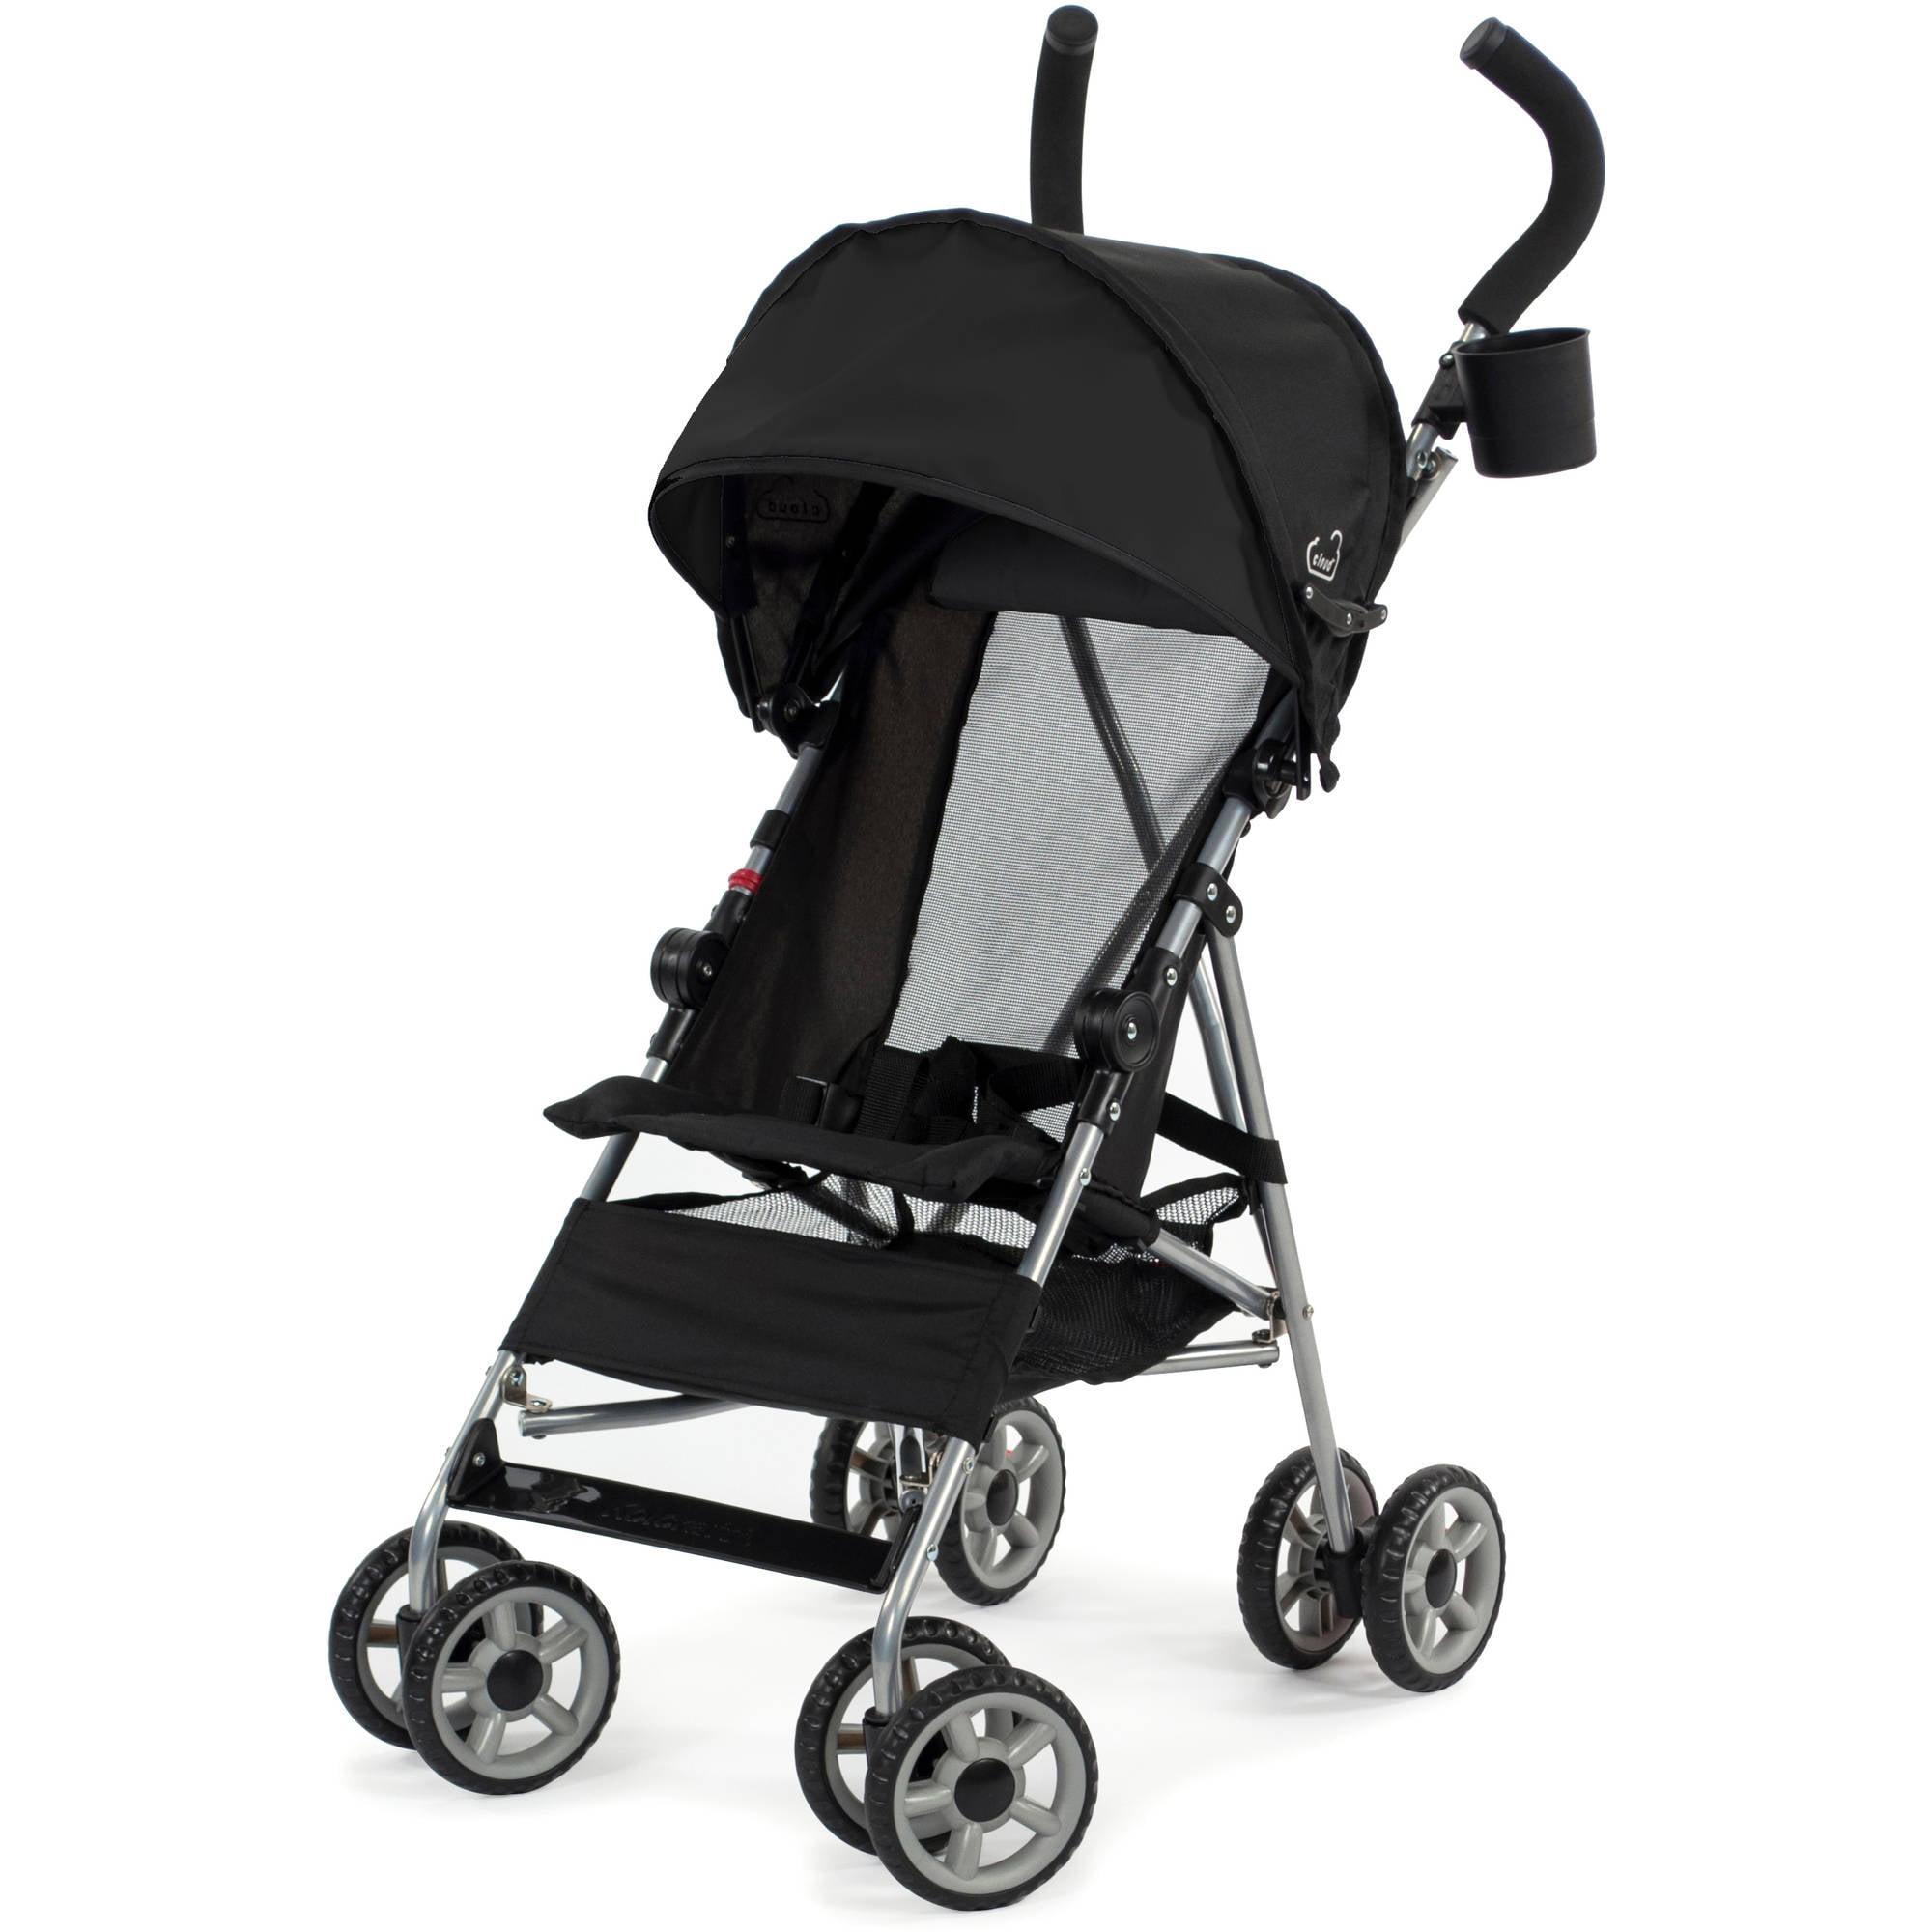 Kolcraft Cloud Umbrella Stroller, Black - Walmart.com